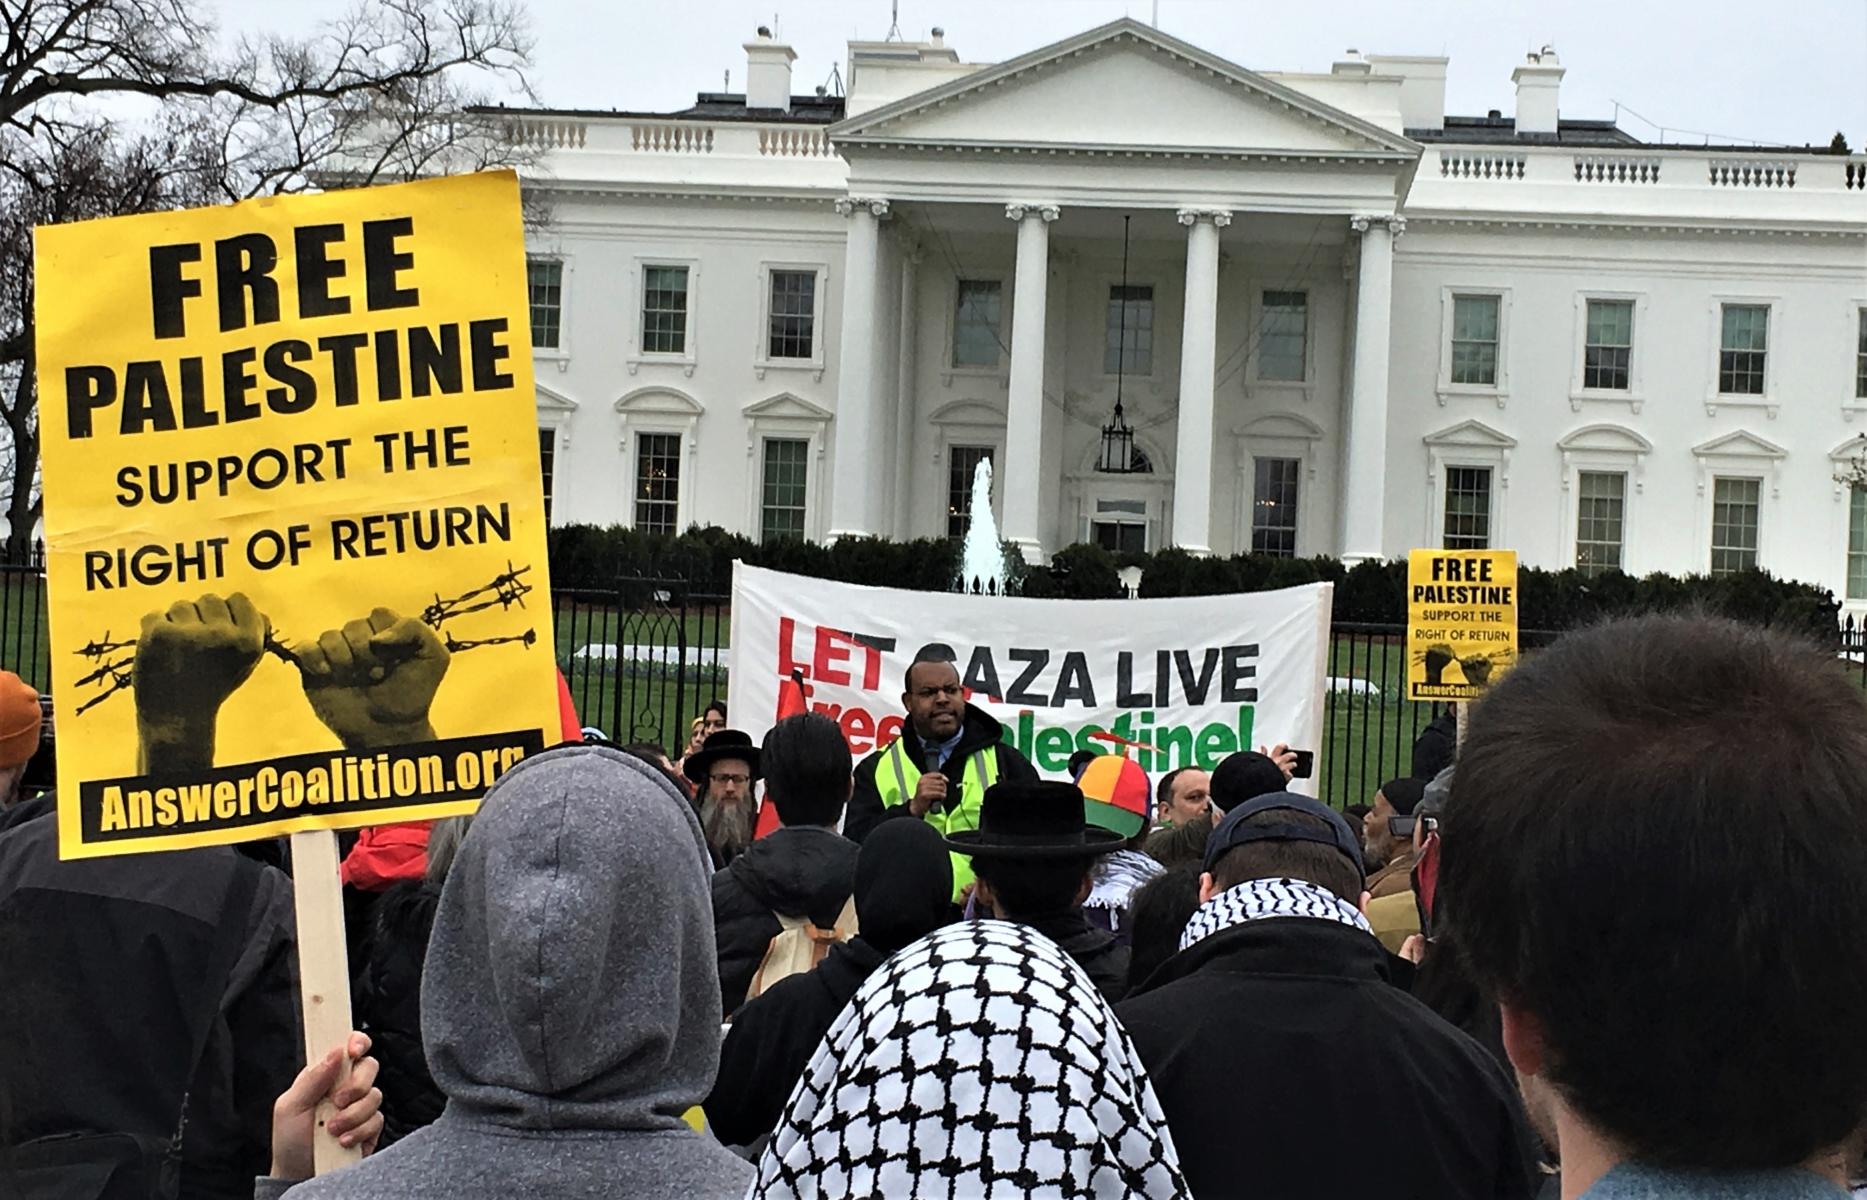 El Congreso intenta ilegalizar la oposición a Israel después de la masacre en Gaza